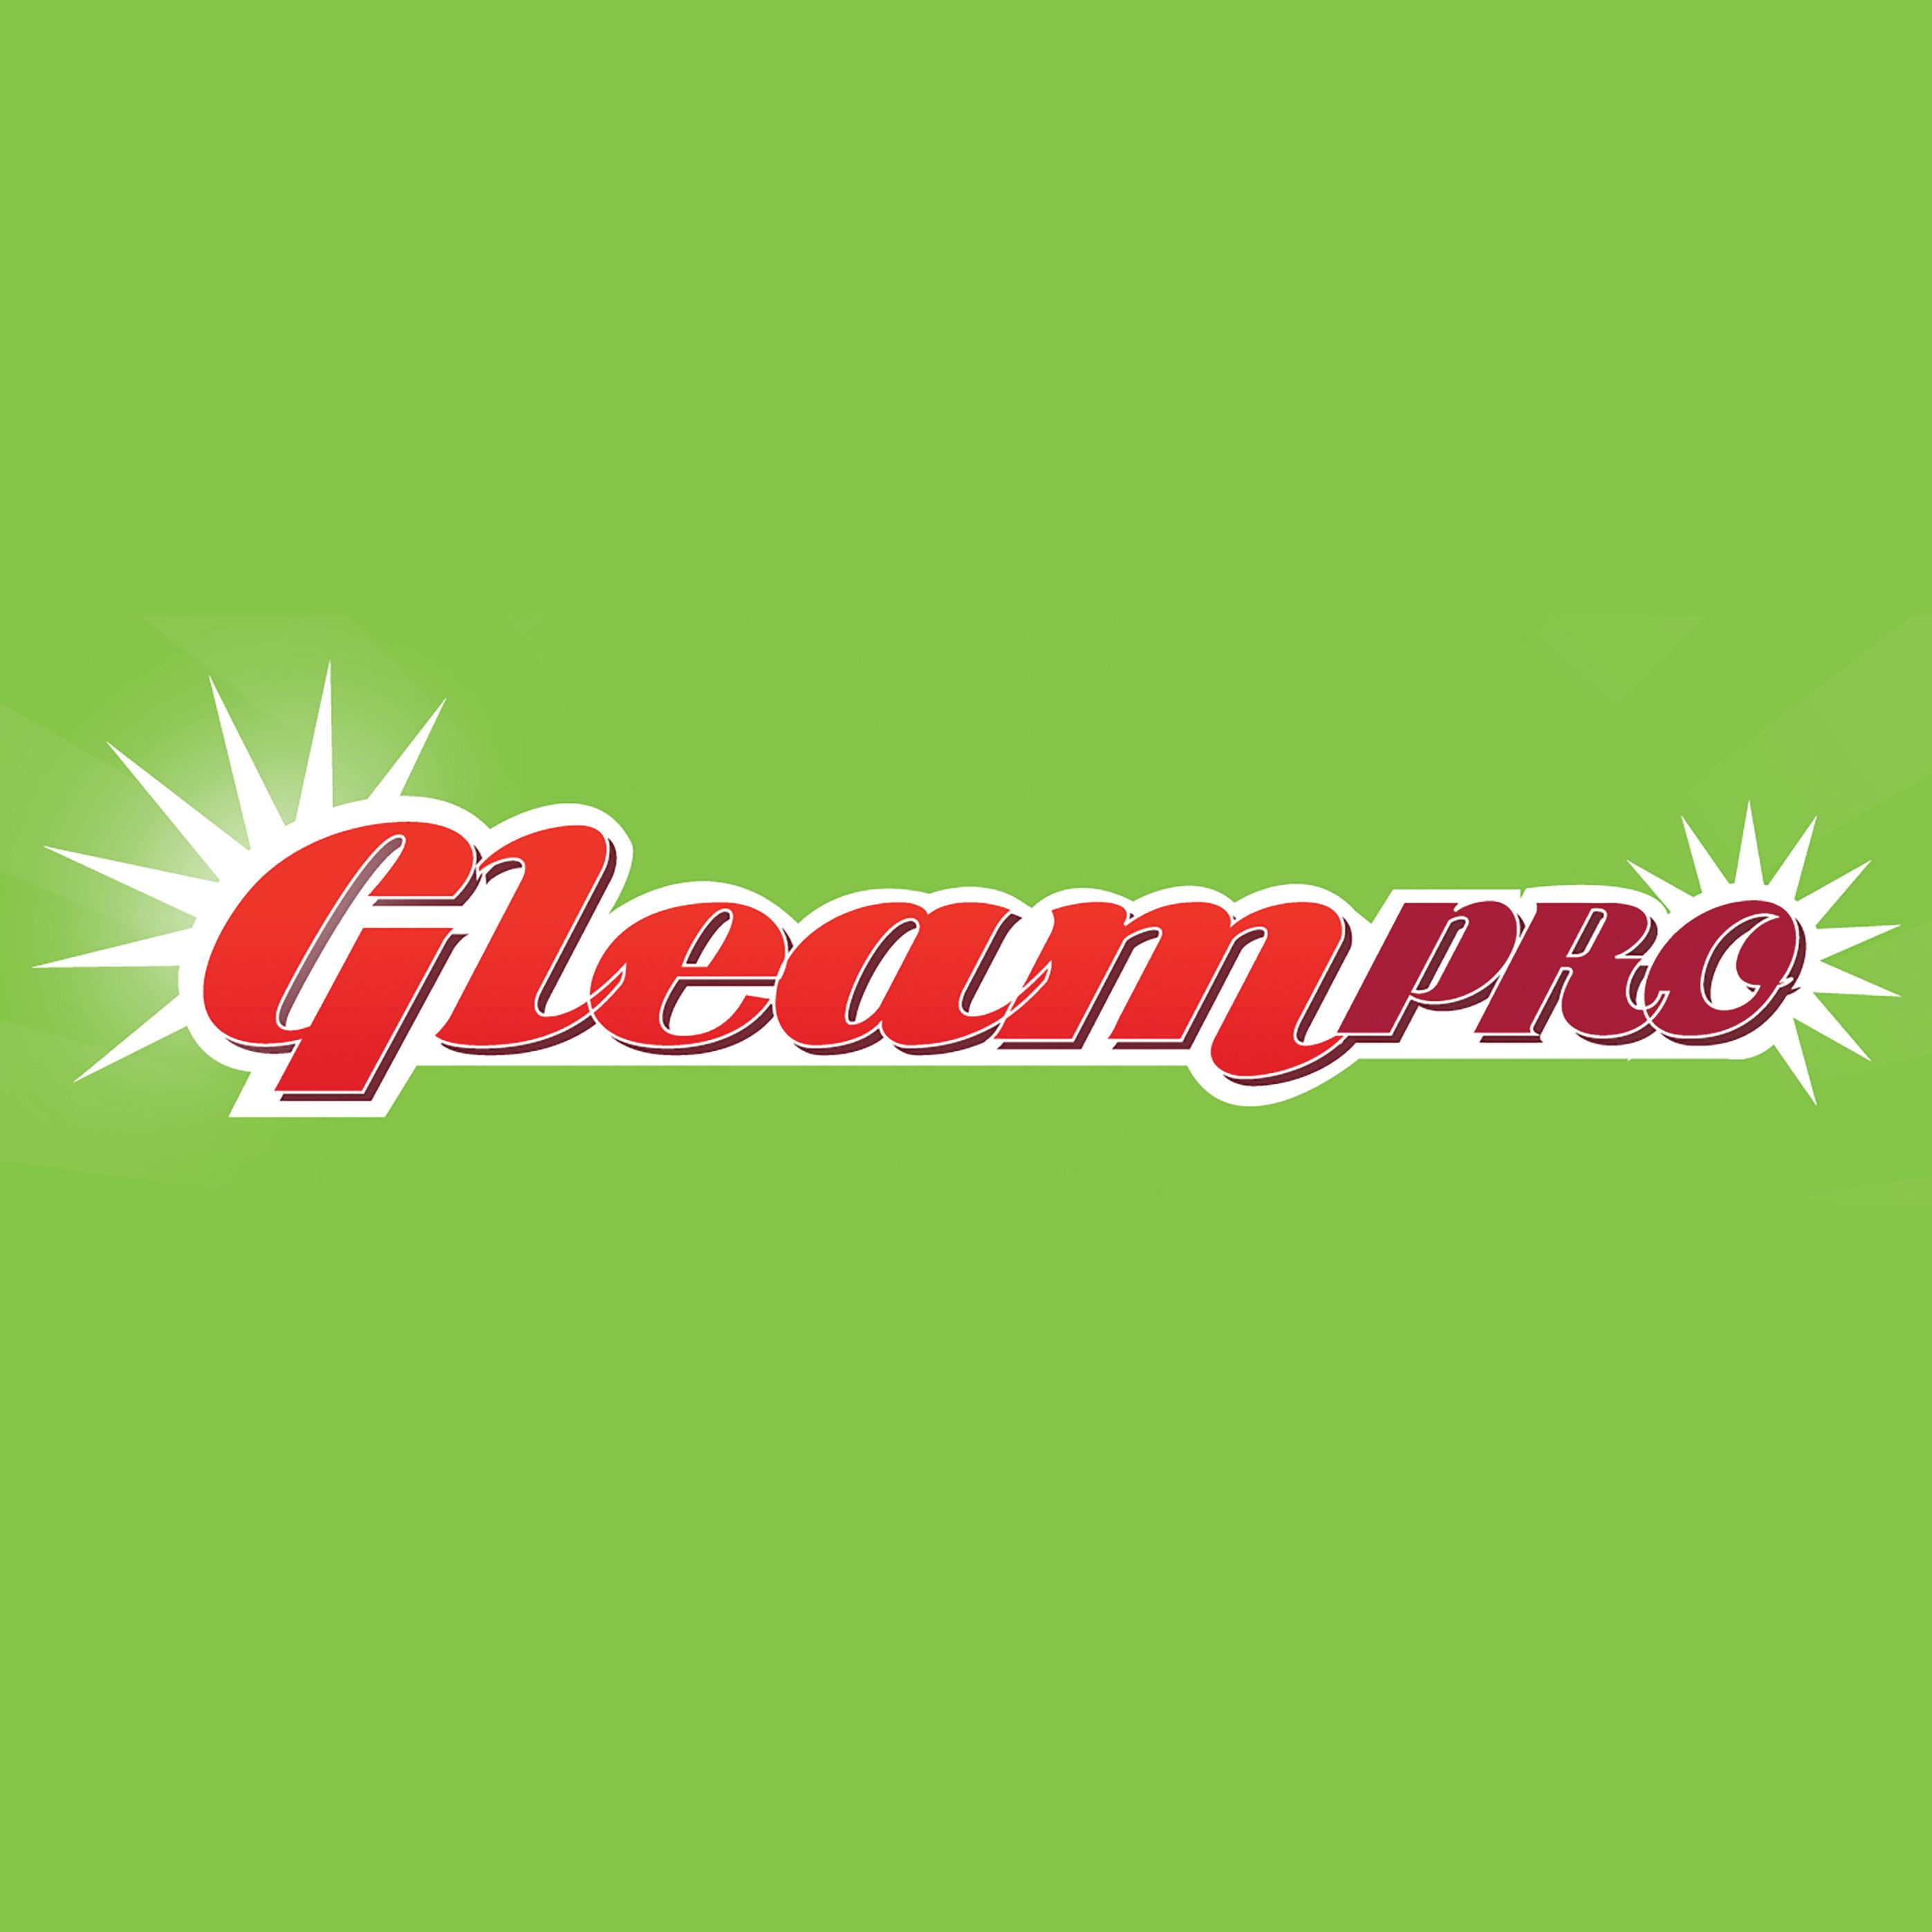 Gleampro_logo_square